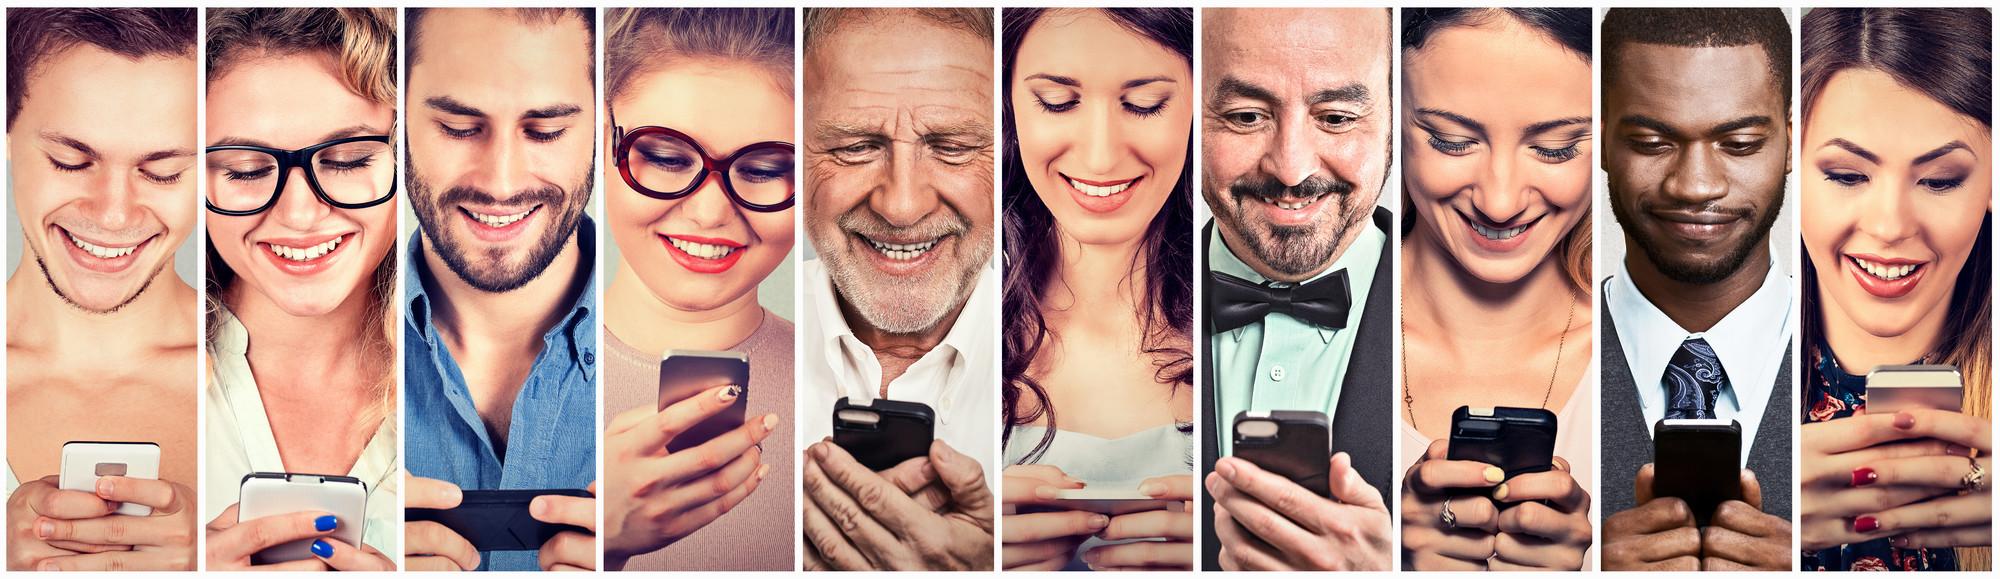 Les réseaux sociaux : la big pharma est-elle prête ?